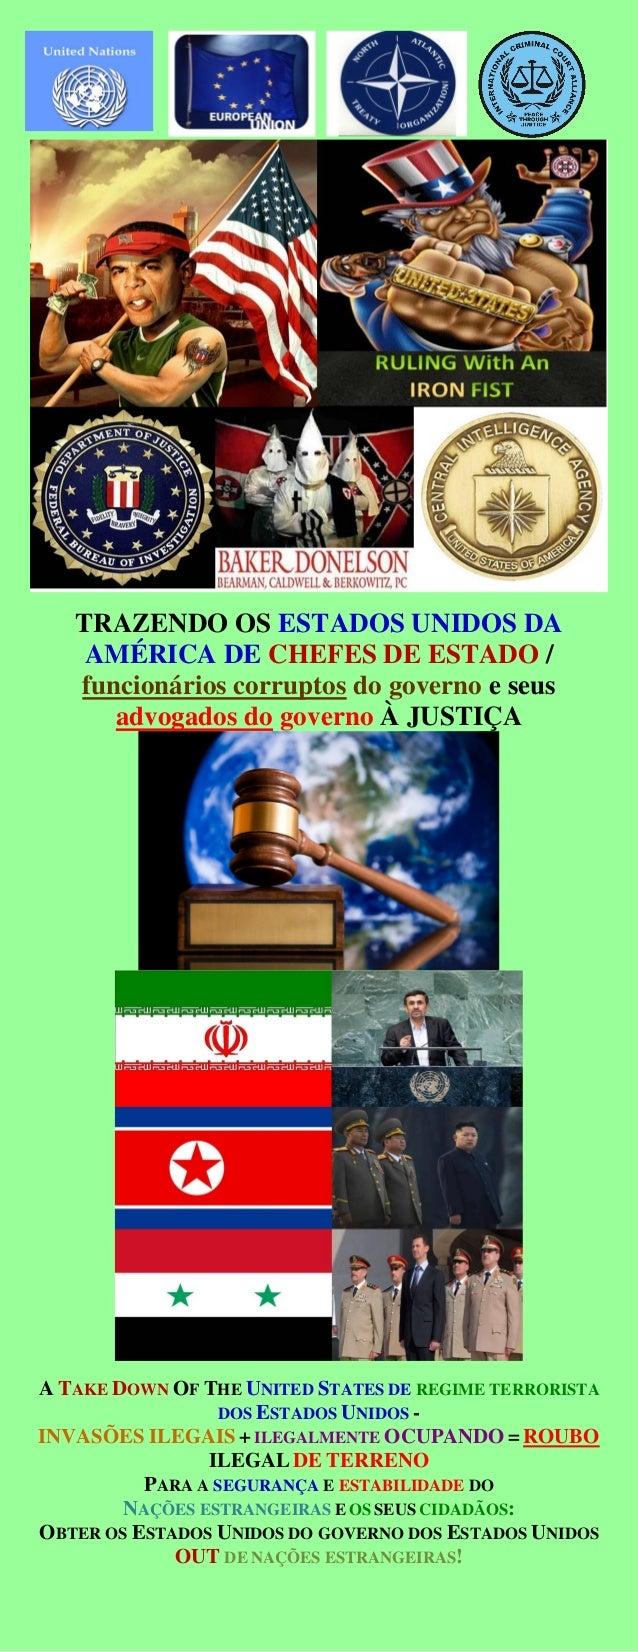 TRAZENDO OS ESTADOS UNIDOS DA AMÉRICA DE CHEFES DE ESTADO / funcionários corruptos do governo e seus advogados do governo ...